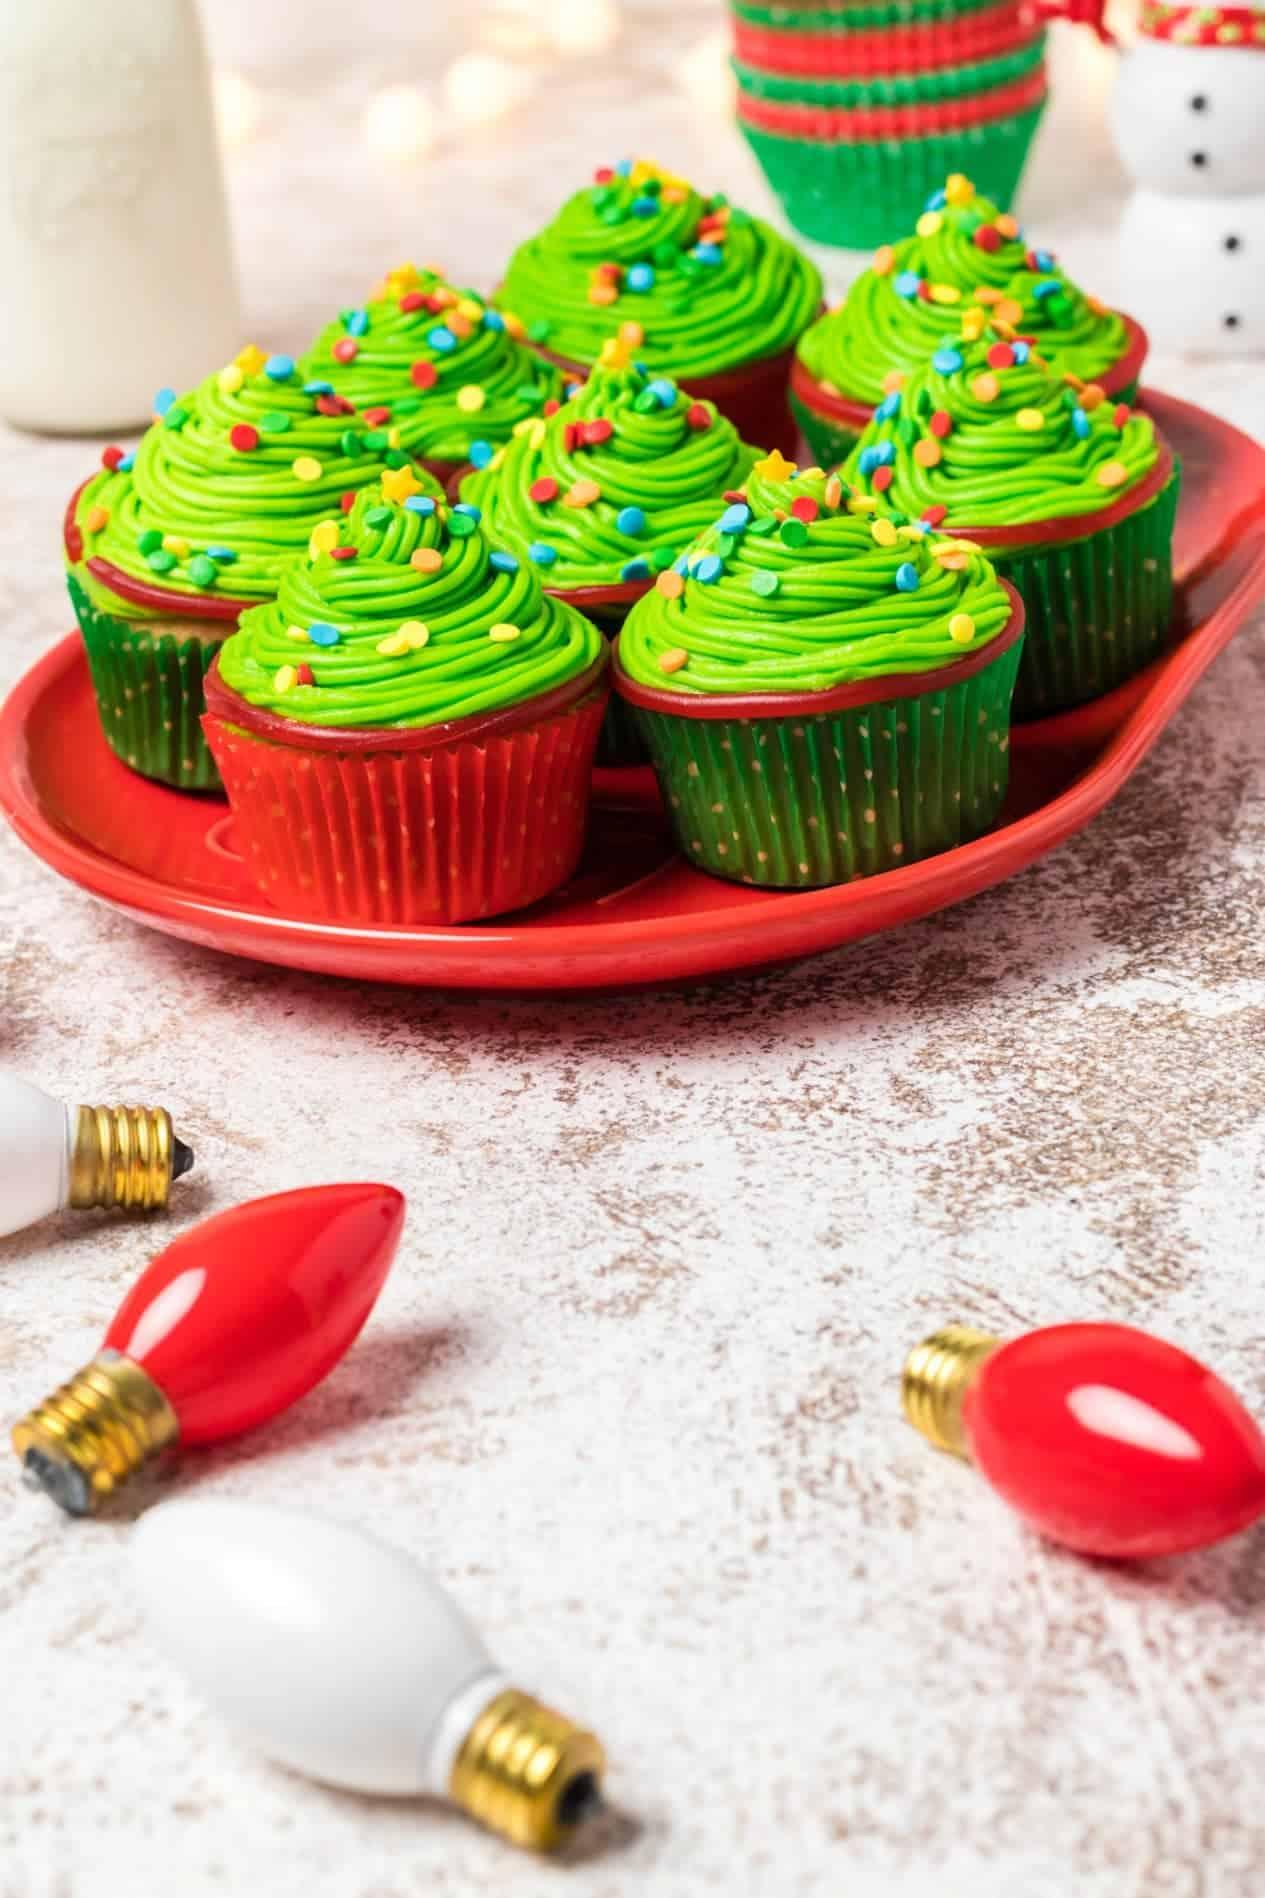 Cupcakes de árbol de Navidad en un plato rojo con luces de Navidad esparcidas alrededor.